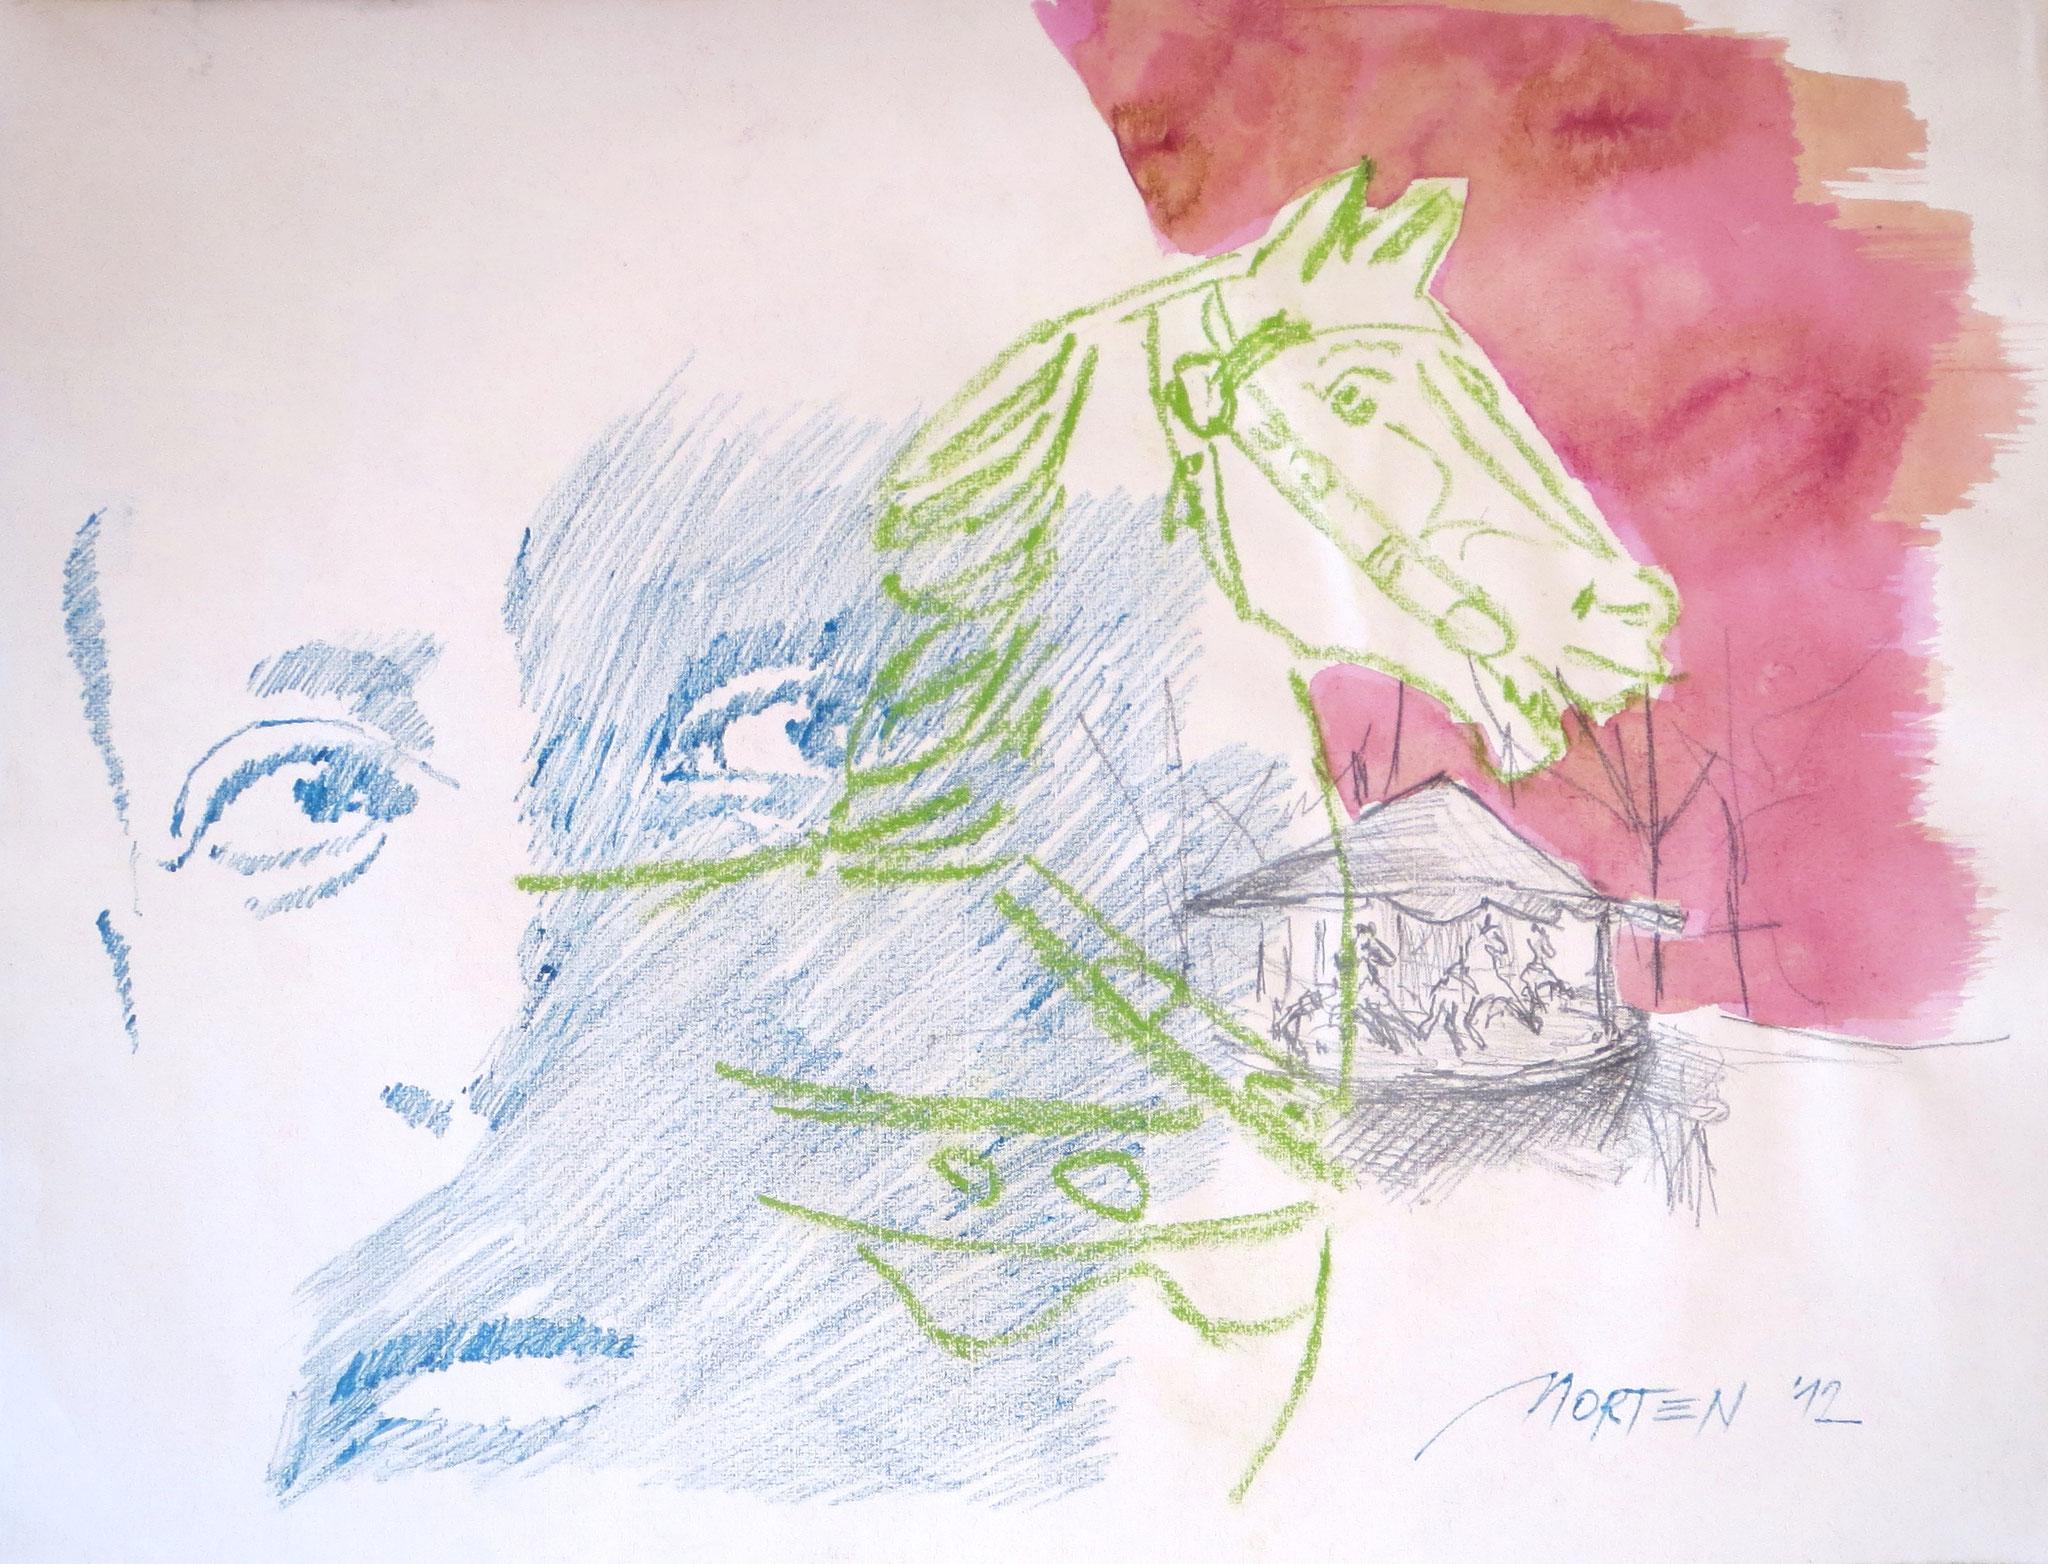 Rainer Maria Rilke: Das Karussell, Zeichnung, 40x60cm, 2012